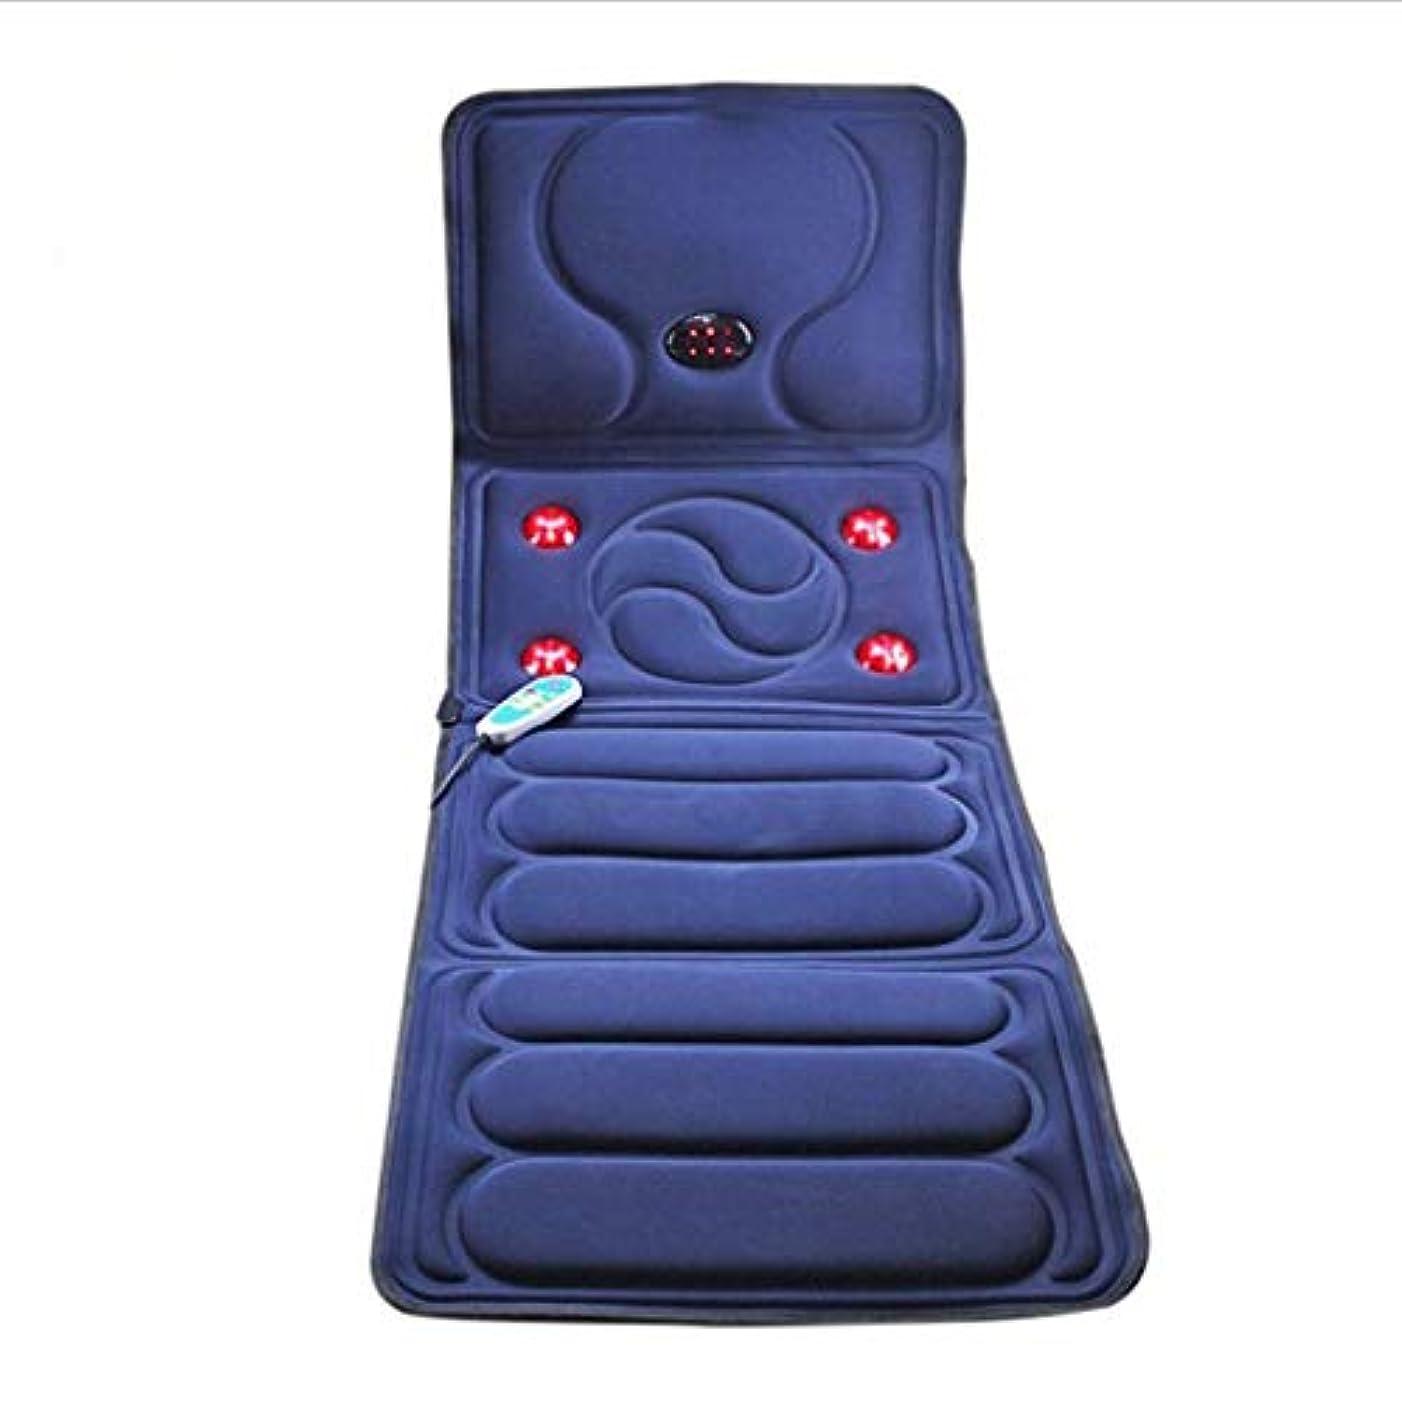 佐賀スーツケース奇跡的な全身マットレス多機能温熱療法電気赤外線マッサージクッション折りたたみ式身体振動健康理学療法マッサージャー165 * 60 CM,ブルー